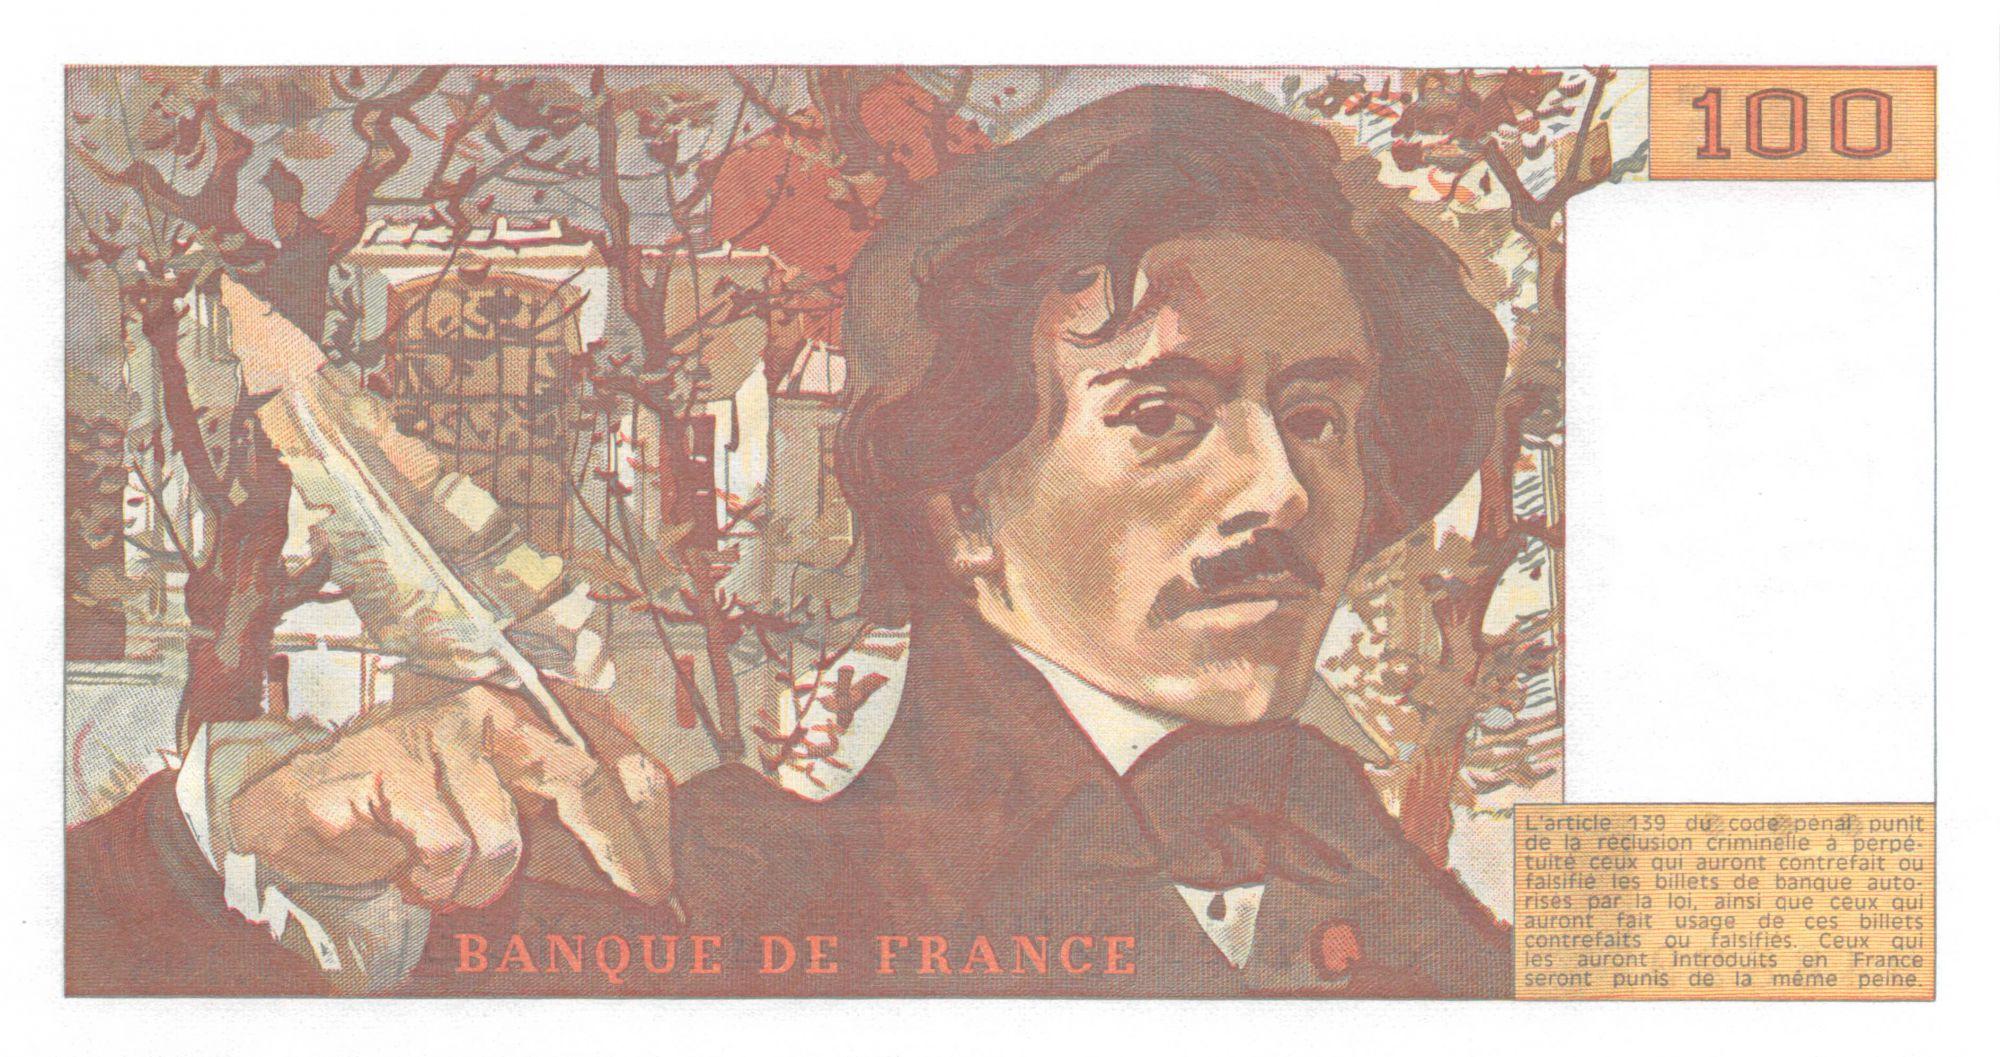 France 100 Francs Delacroix - 1986 Série J.108 - P.NEUF